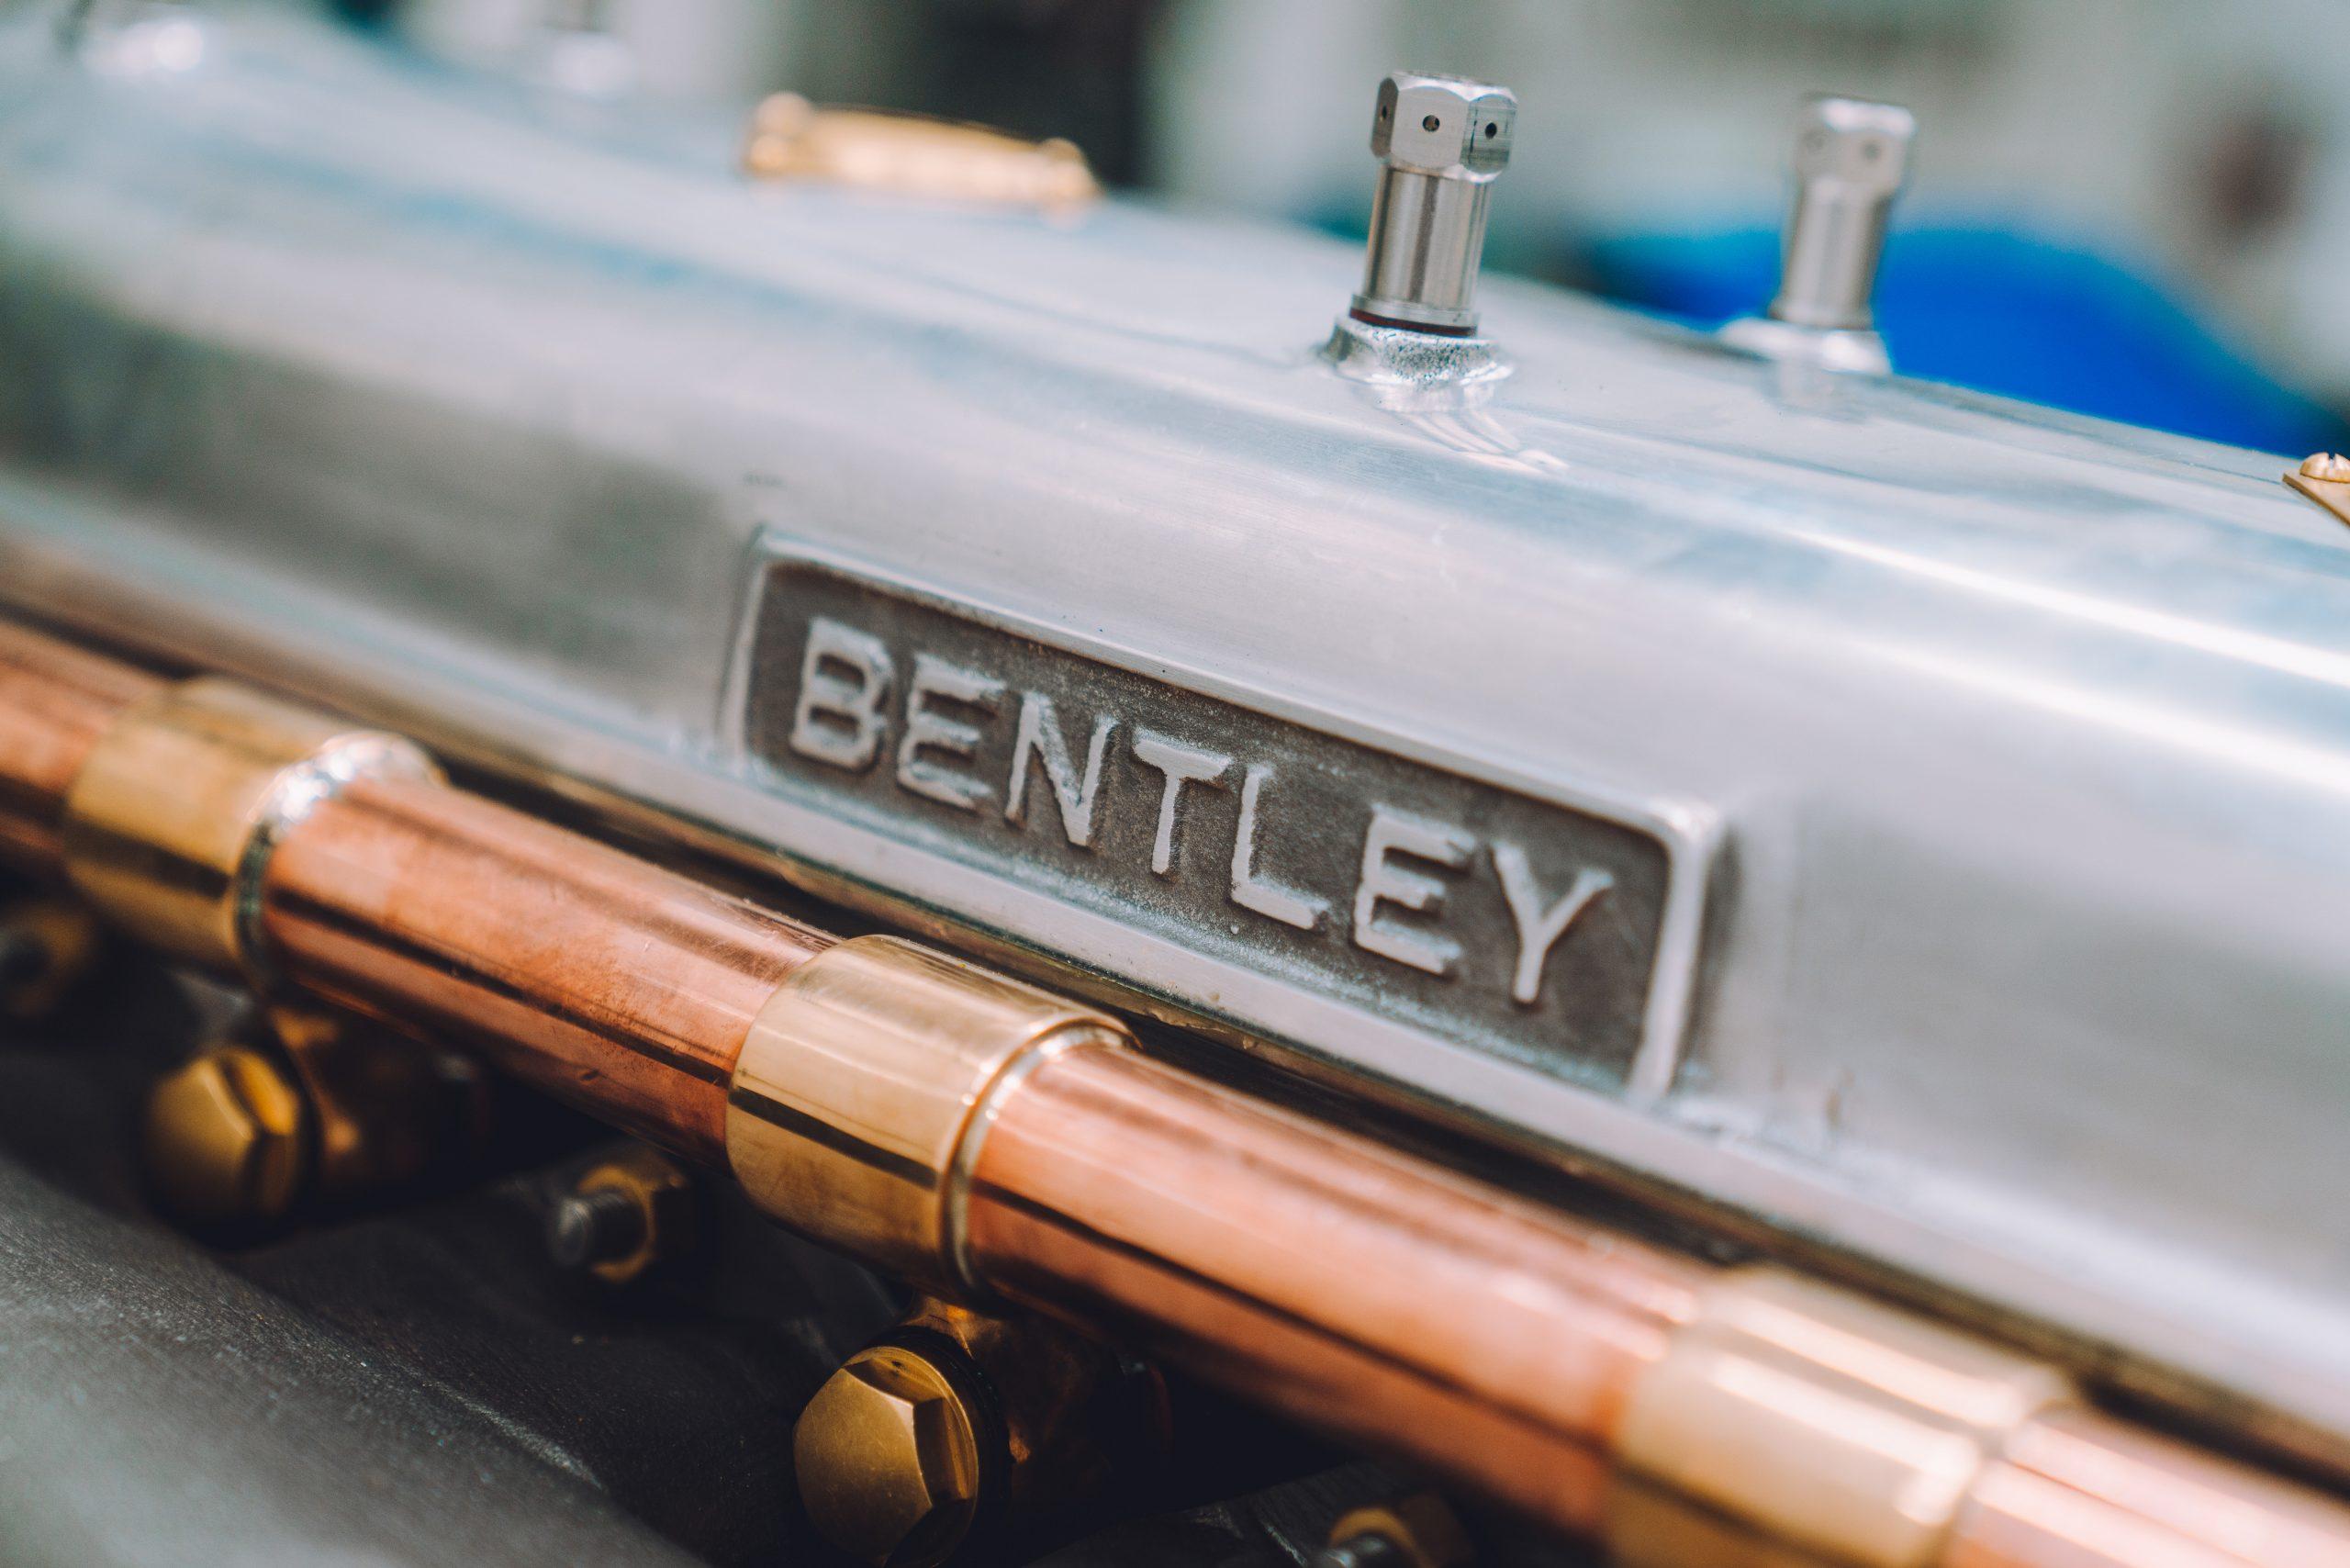 Bentley NewBlowerEngine-5